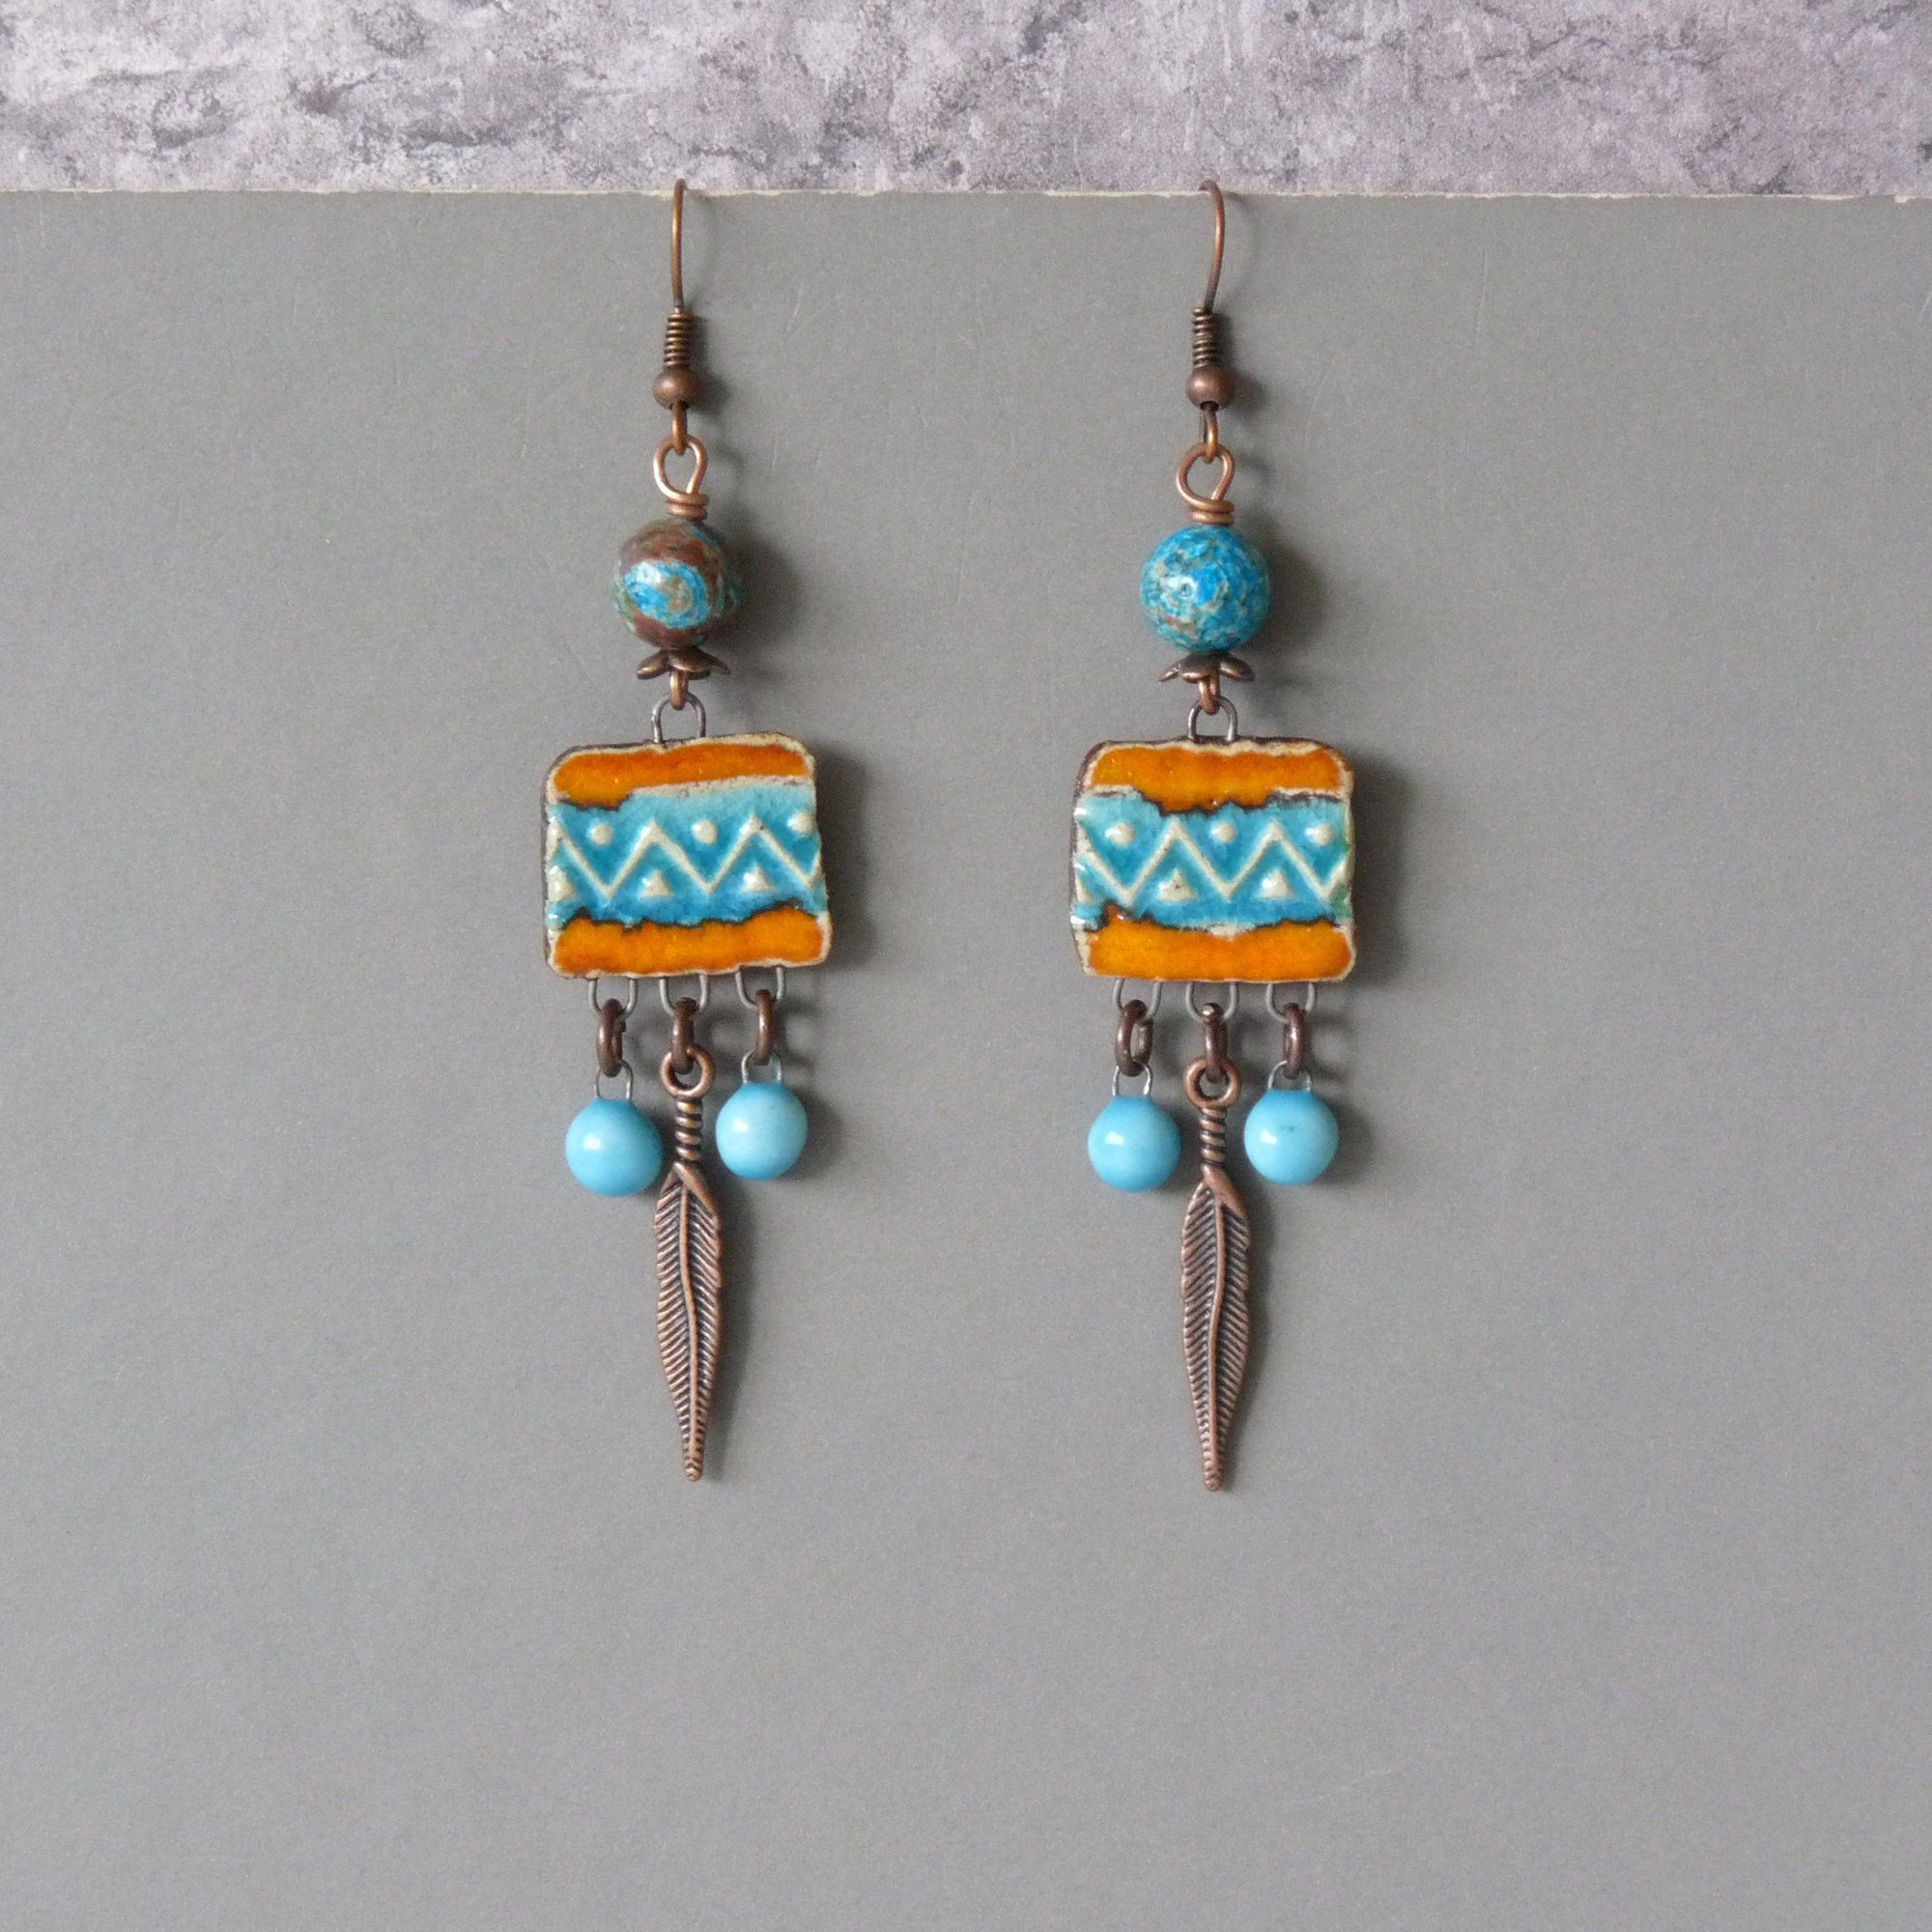 Feather Boho Native American Earrings, Ethnic Turquoise Handmade